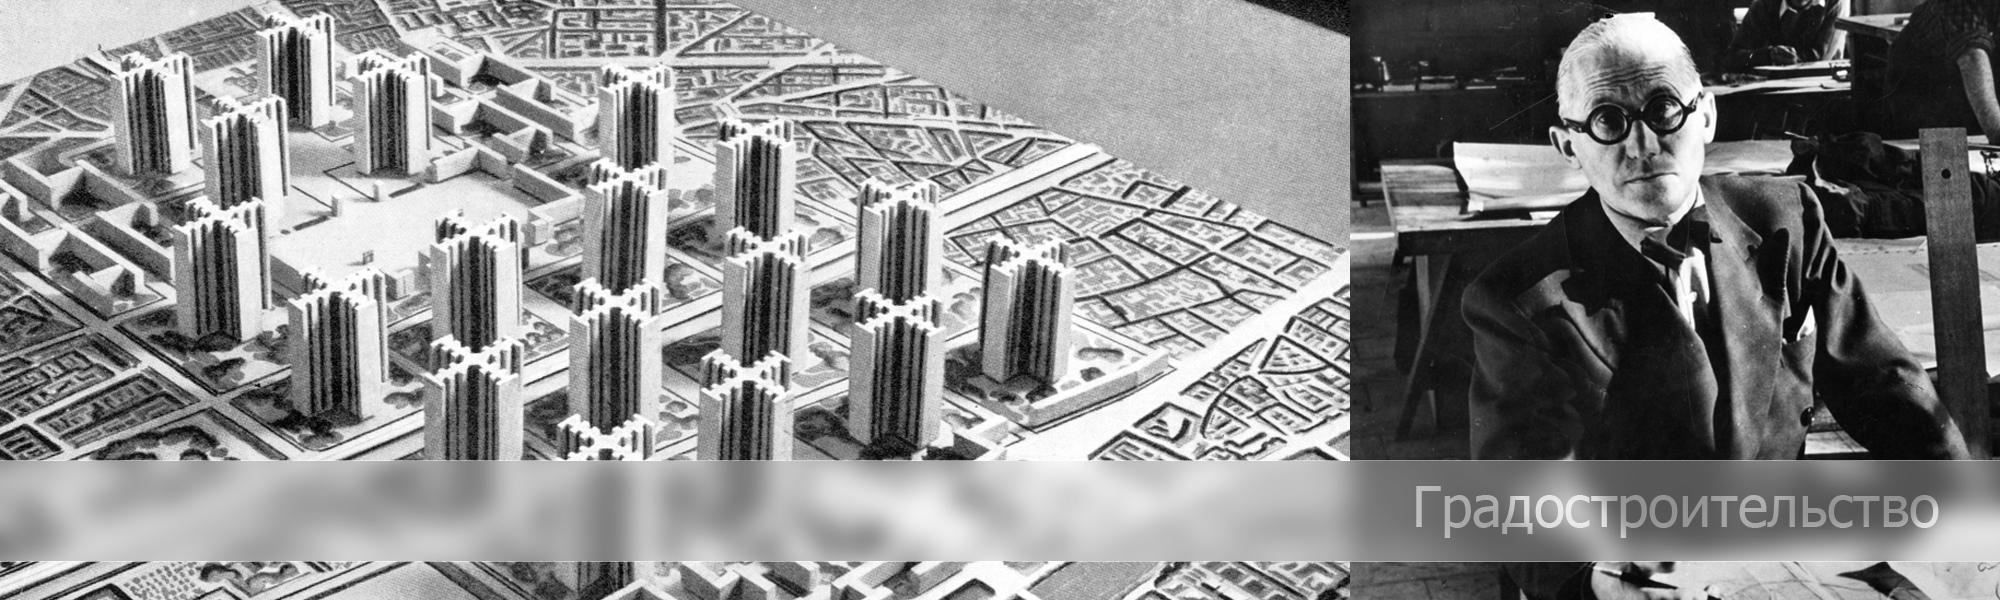 Градостроительство Ле Корбюзье